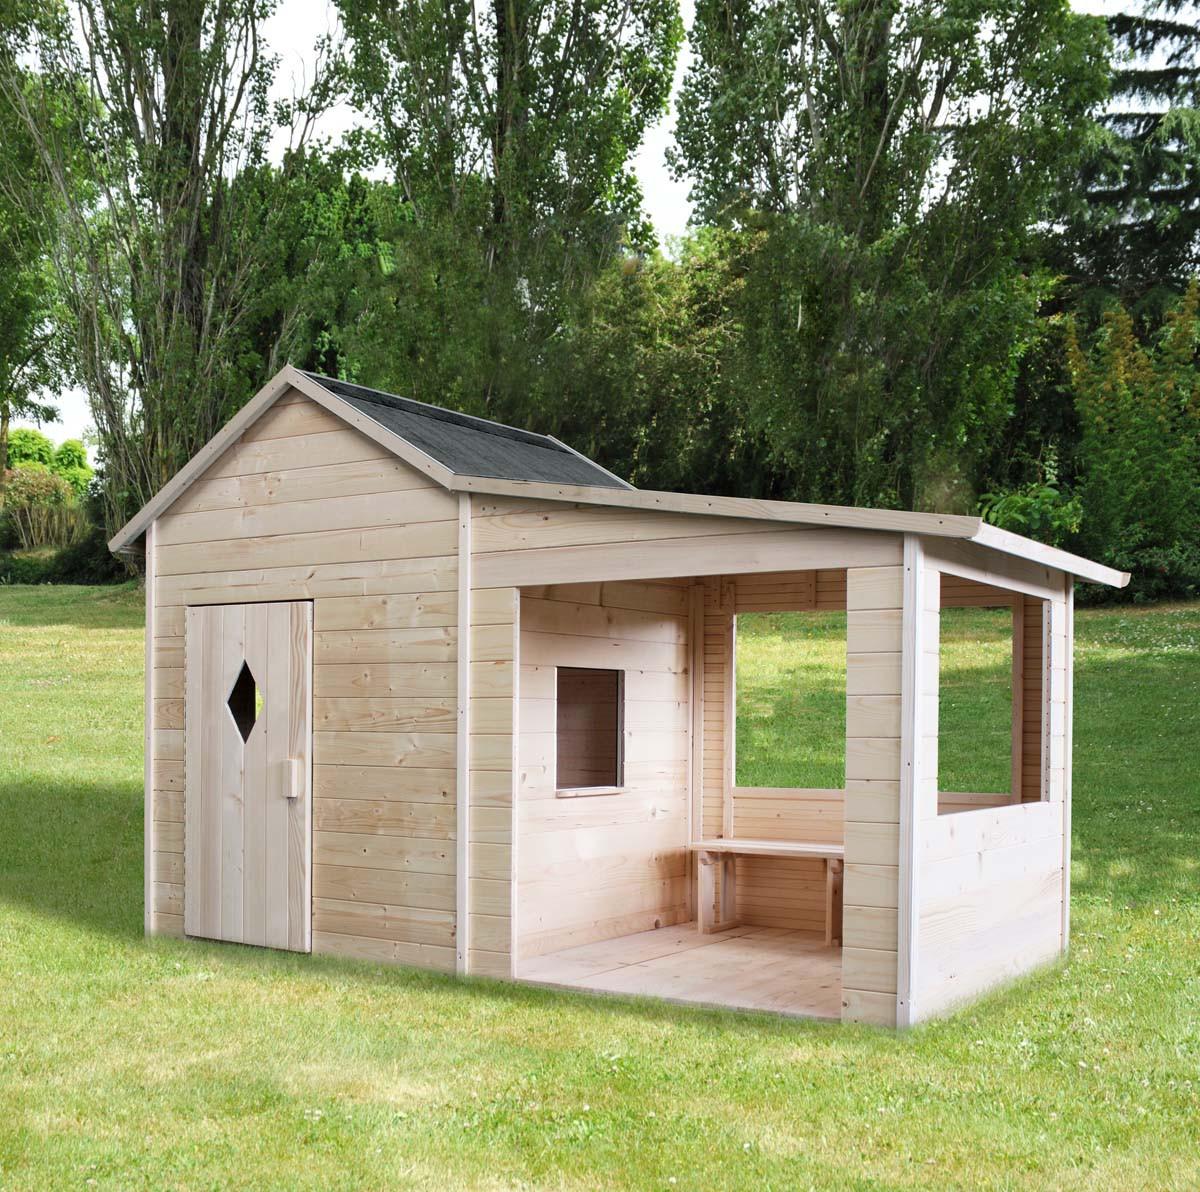 Cabane en bois pour enfant amaryllis mon jardin vivre - Cabane de jardin en bois pour enfants ...